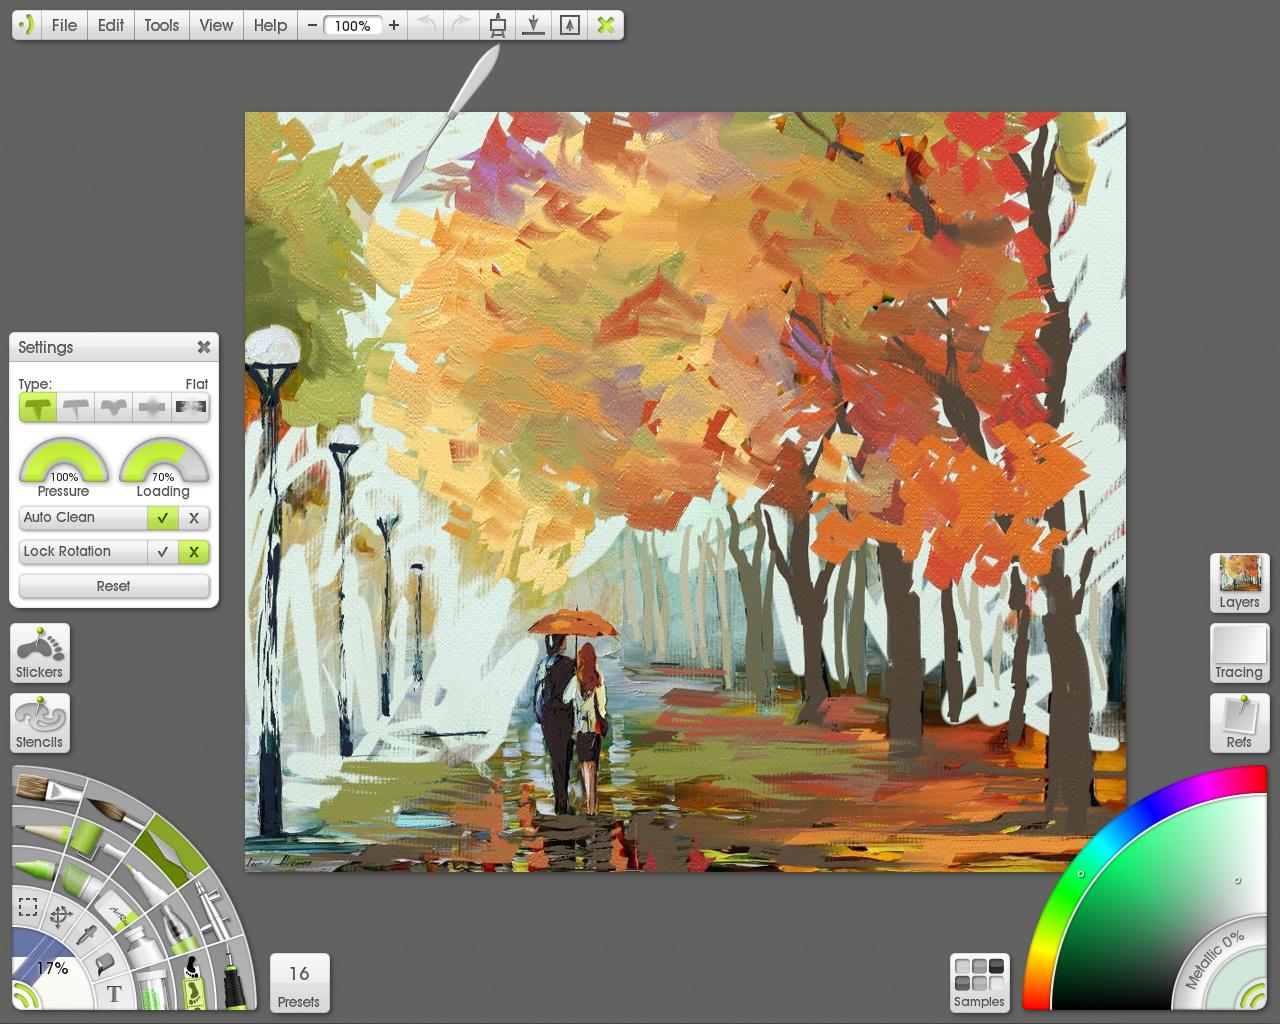 ArtRage Studio Pro 3.5 Knife Loaded Screen Shot